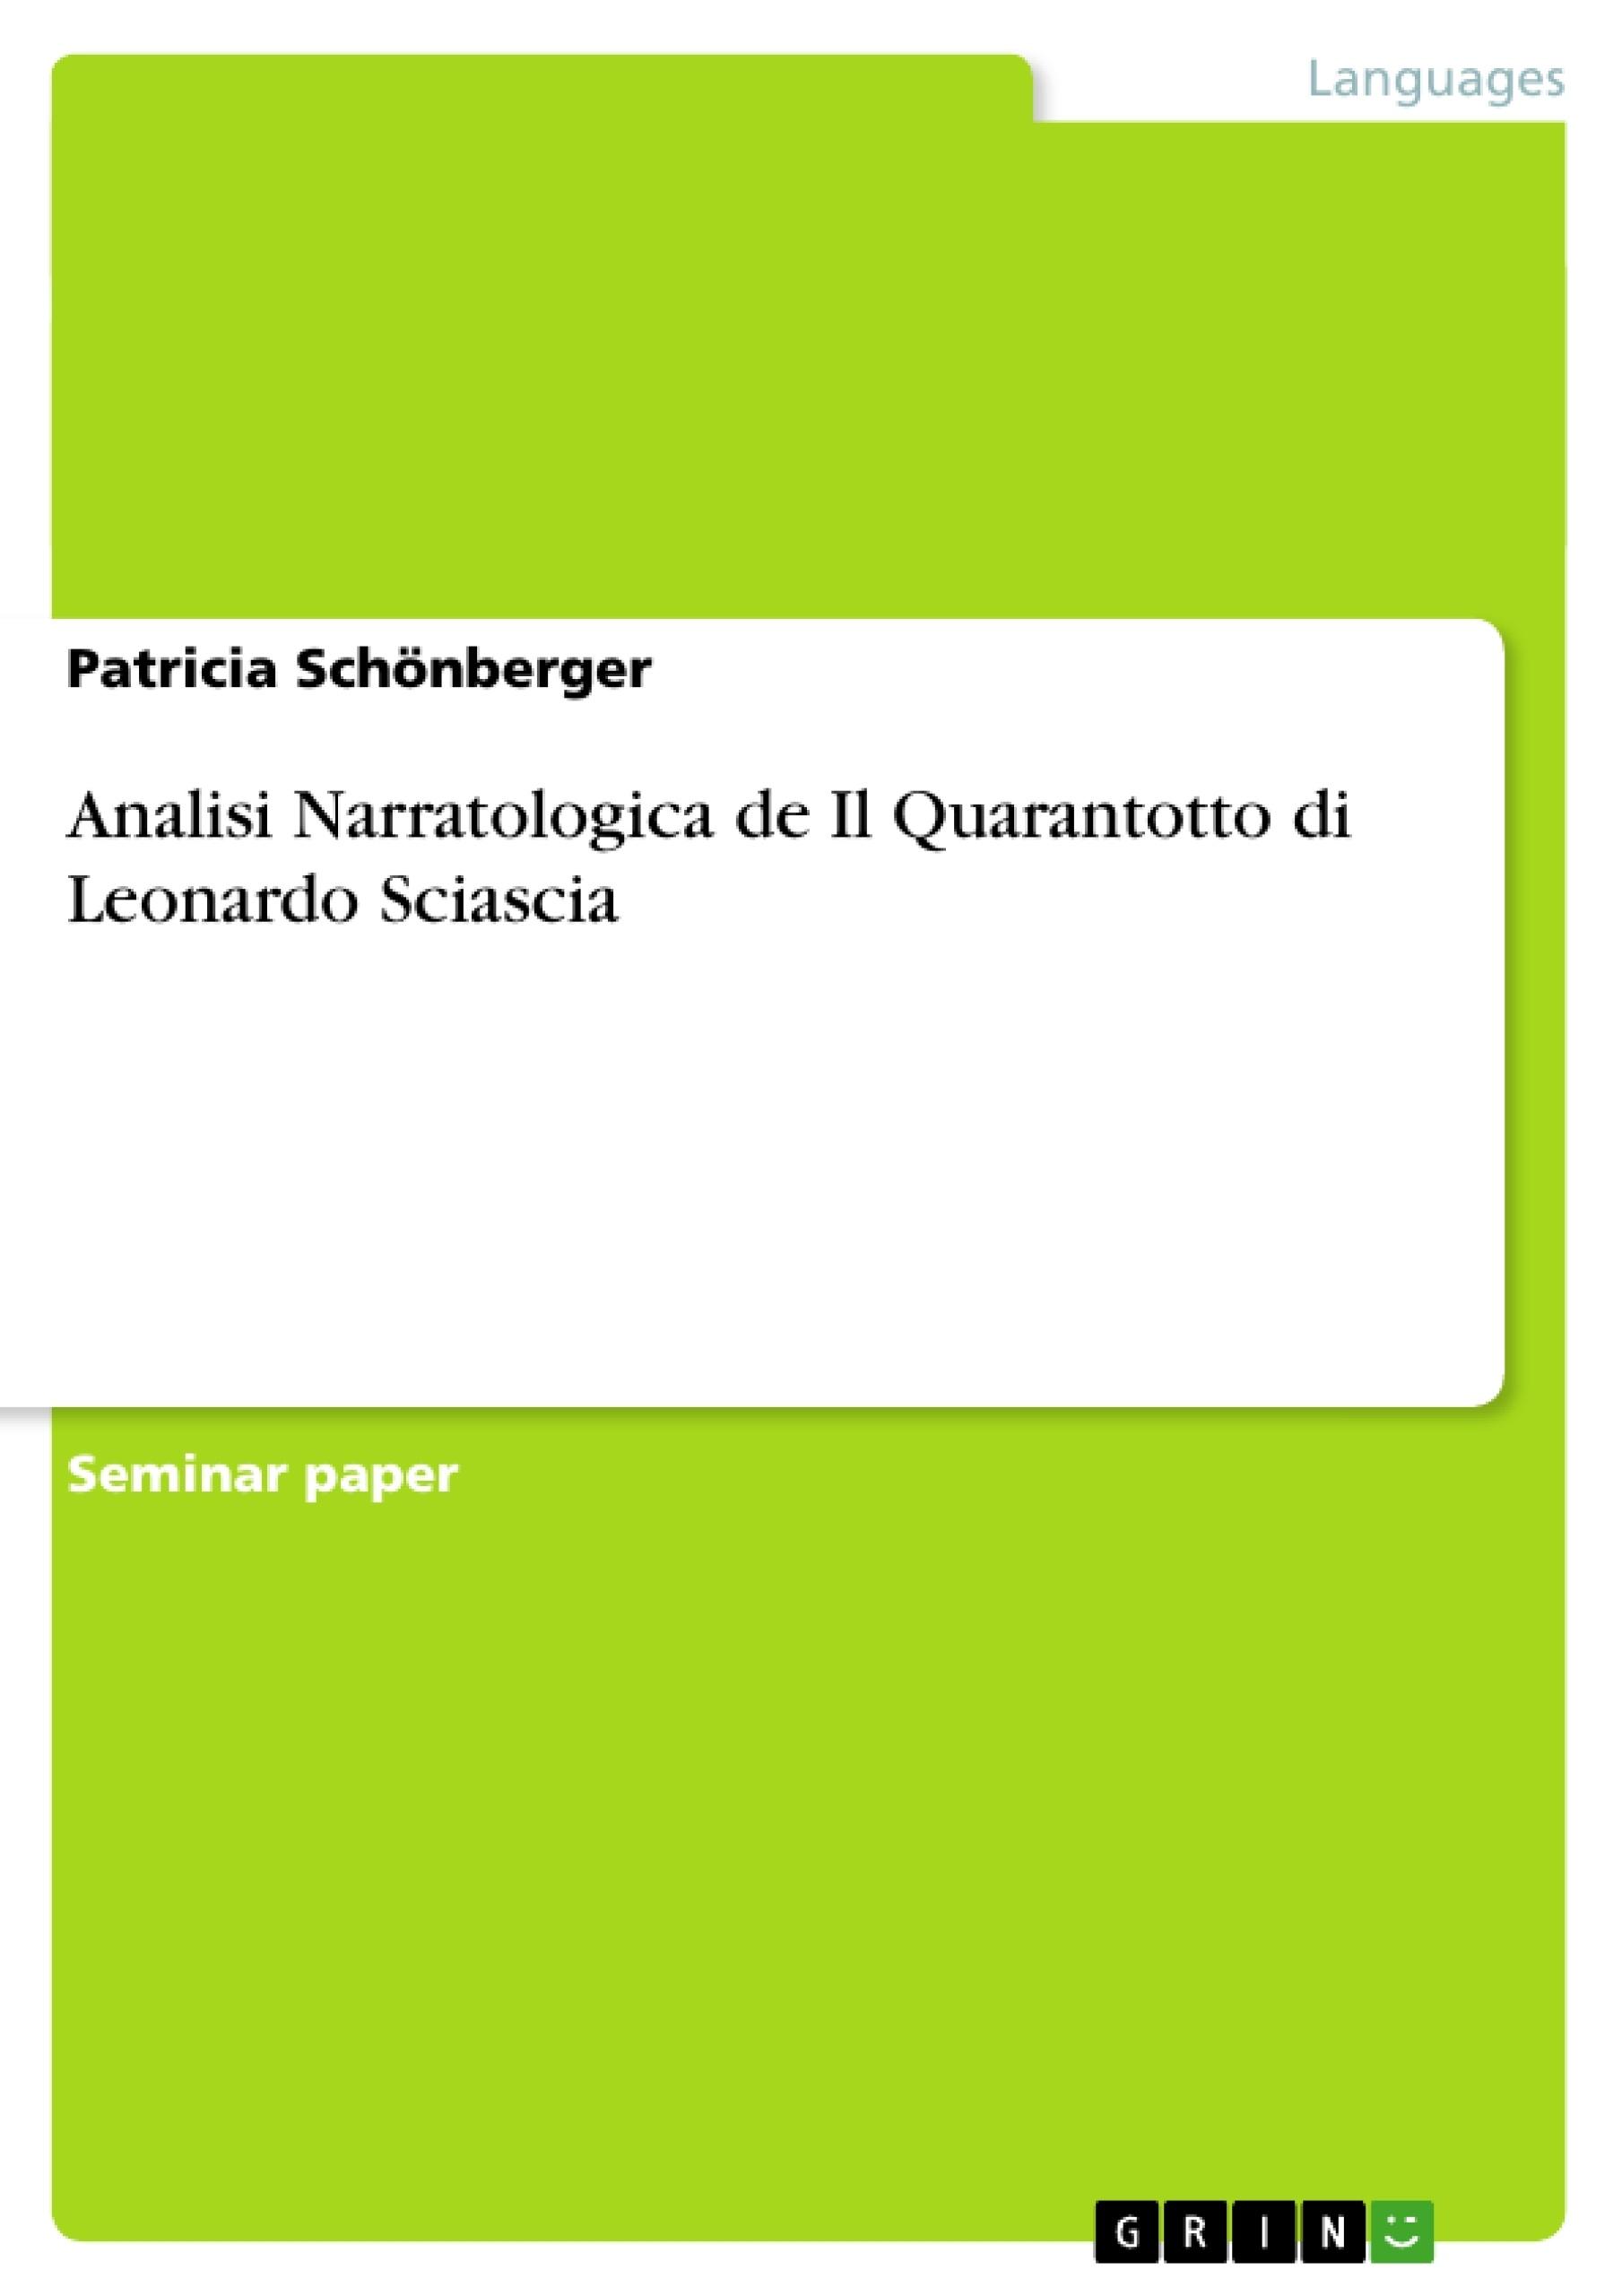 Title: Analisi Narratologica de Il Quarantotto di Leonardo Sciascia